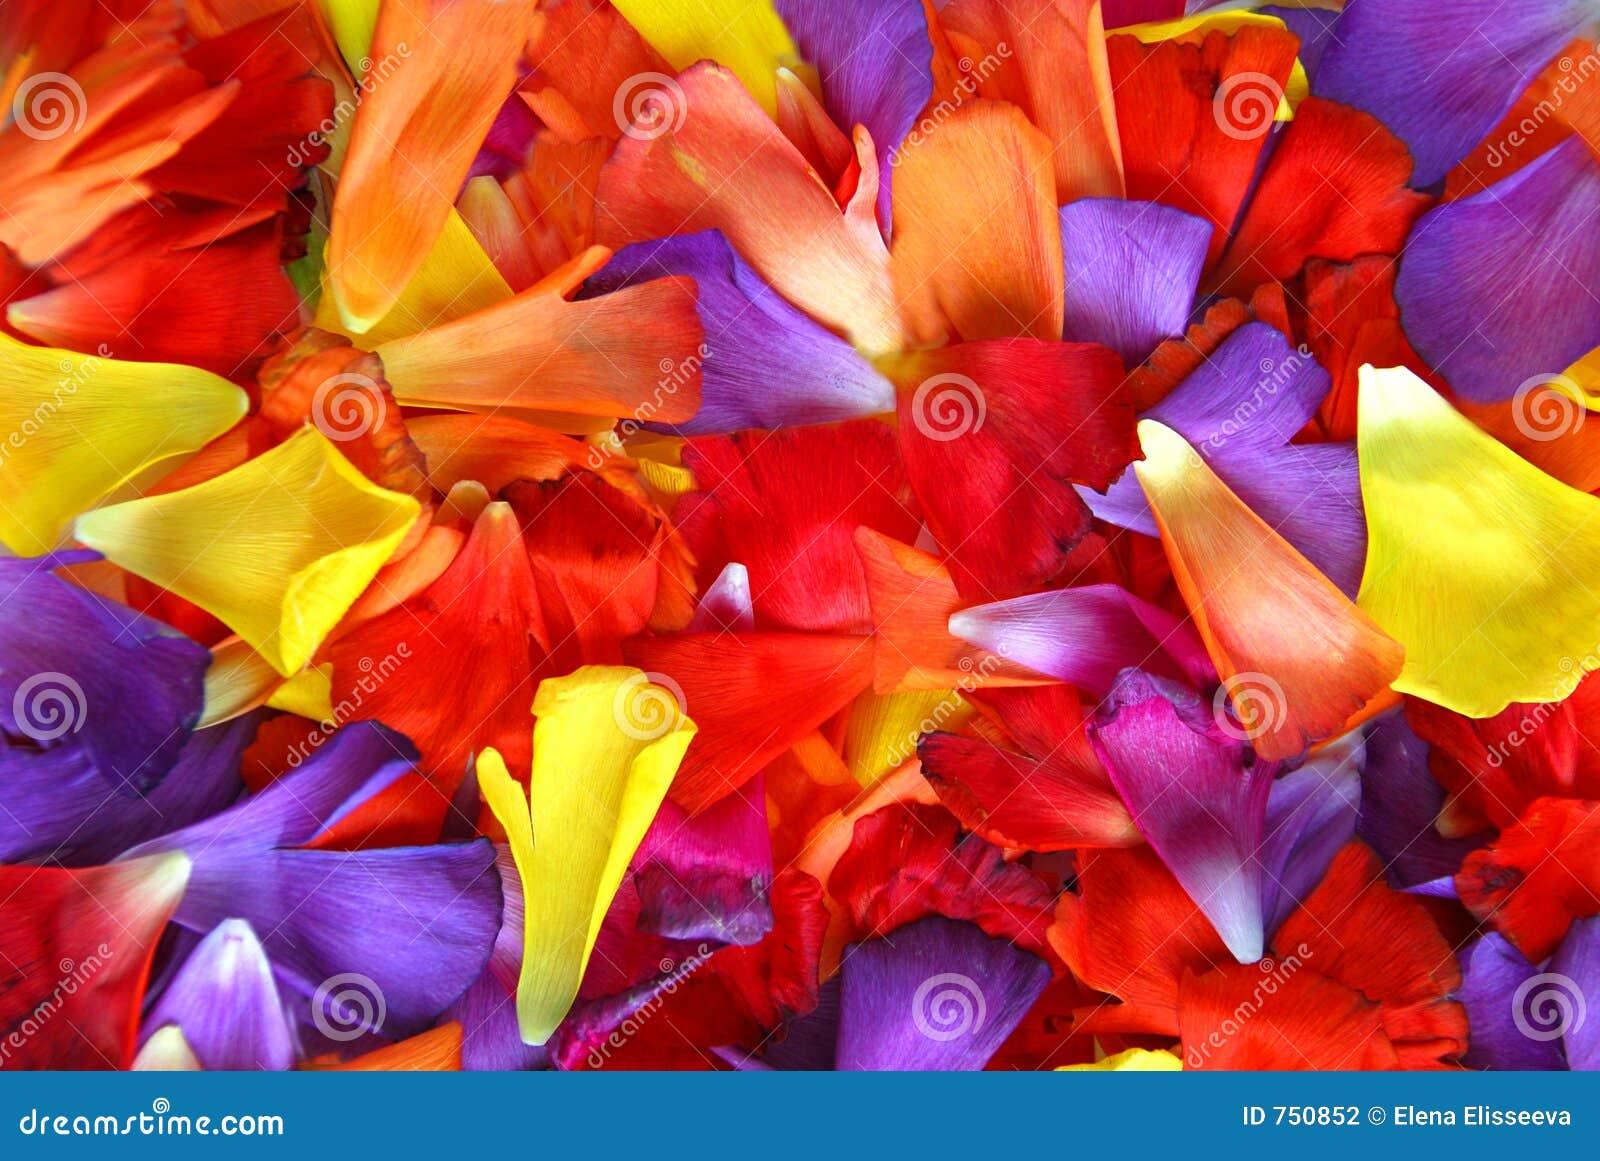 Fond de pétale de fleur